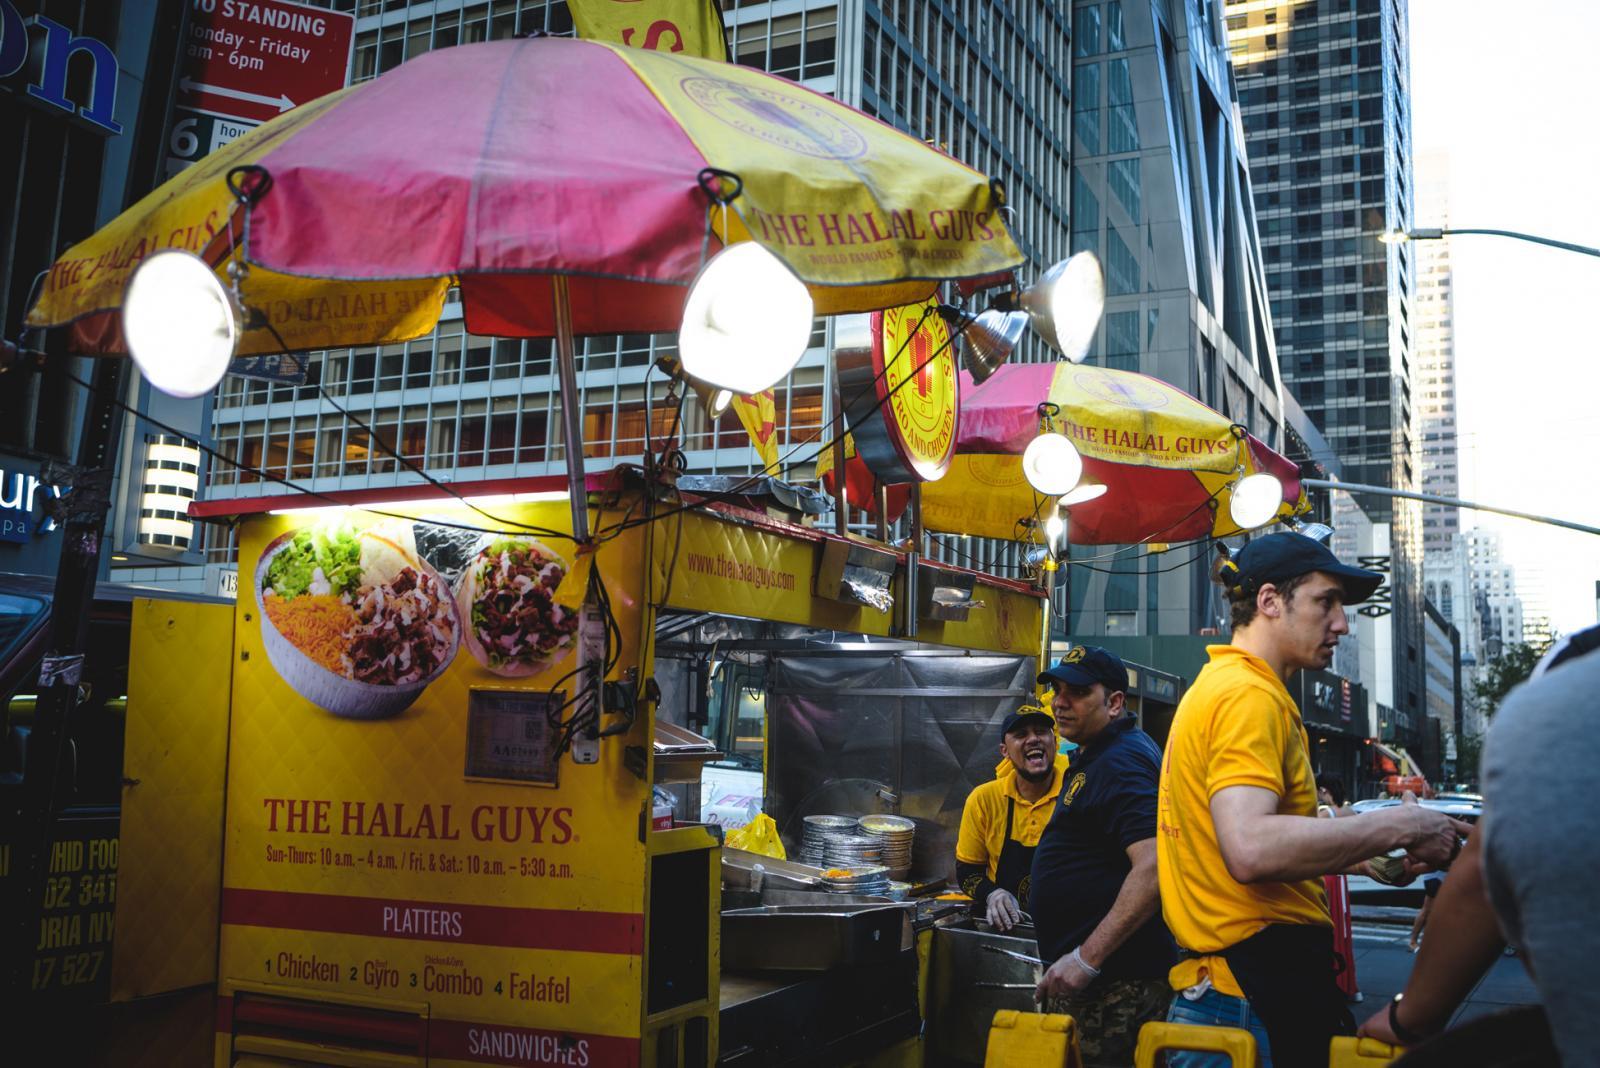 Best Street Food in NYC